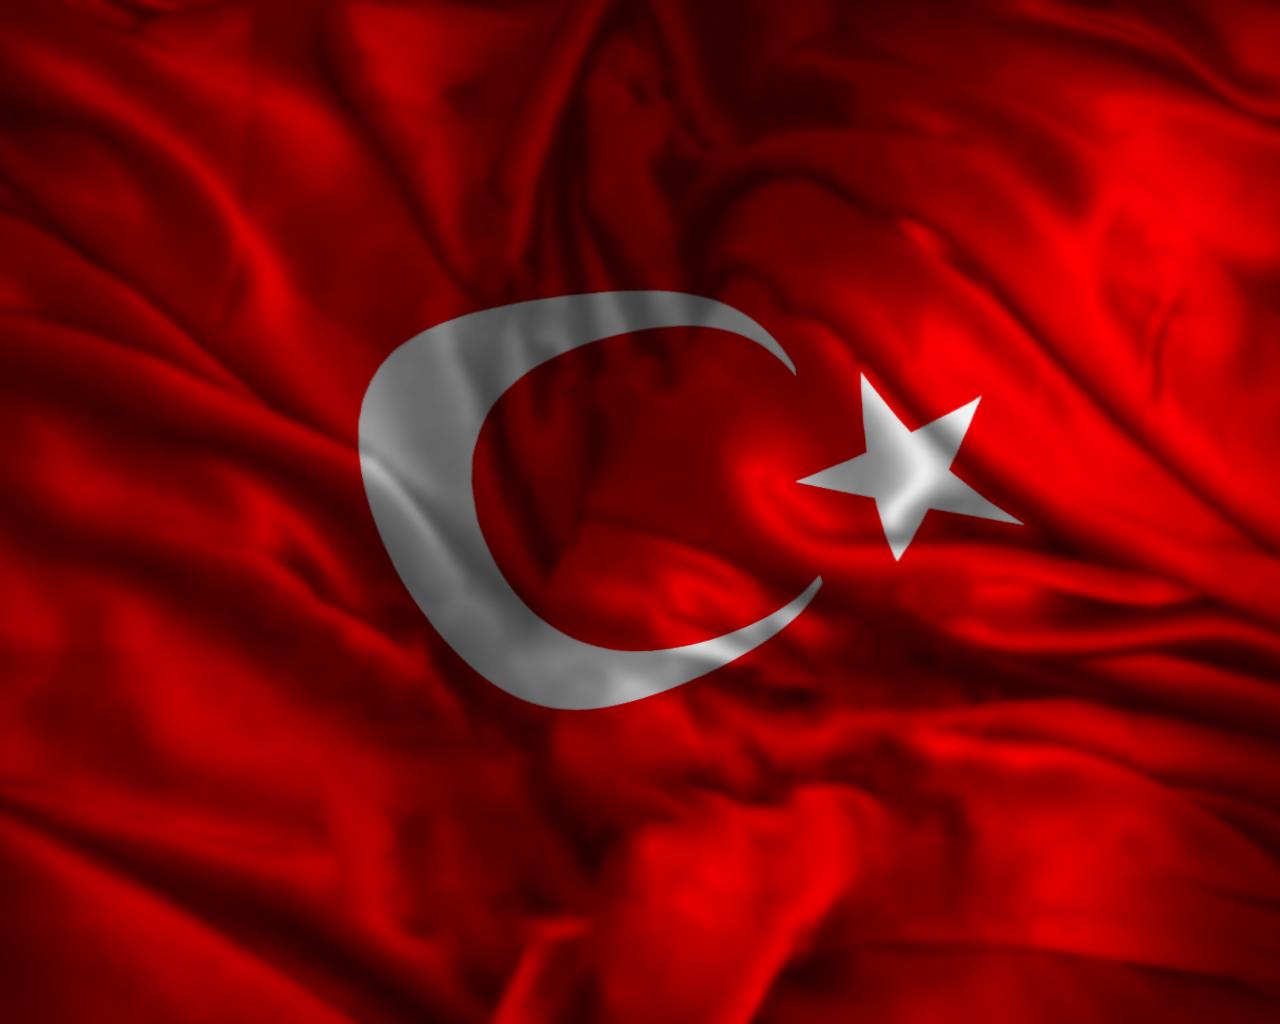 بالصور صور علم تركيا , خلفيات علم دولة تركيا 1455 8